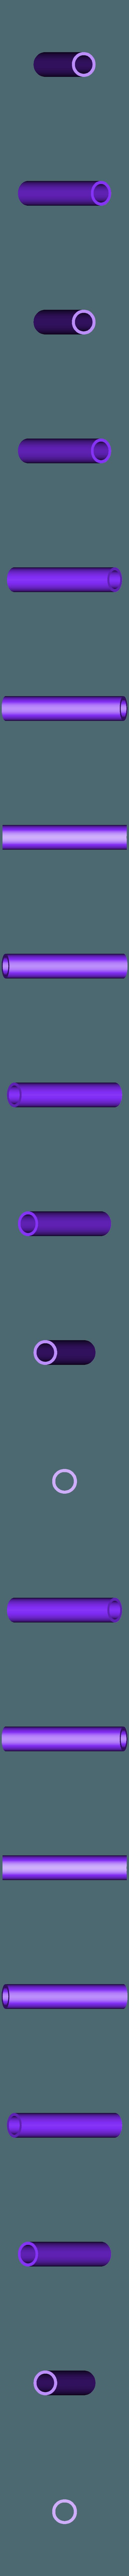 125mm_long_25mm_wide_tube.stl Télécharger fichier STL gratuit Sci-fi Réseau de tuyaux modulaire pour les paysages de wargaming • Objet à imprimer en 3D, redstarkits